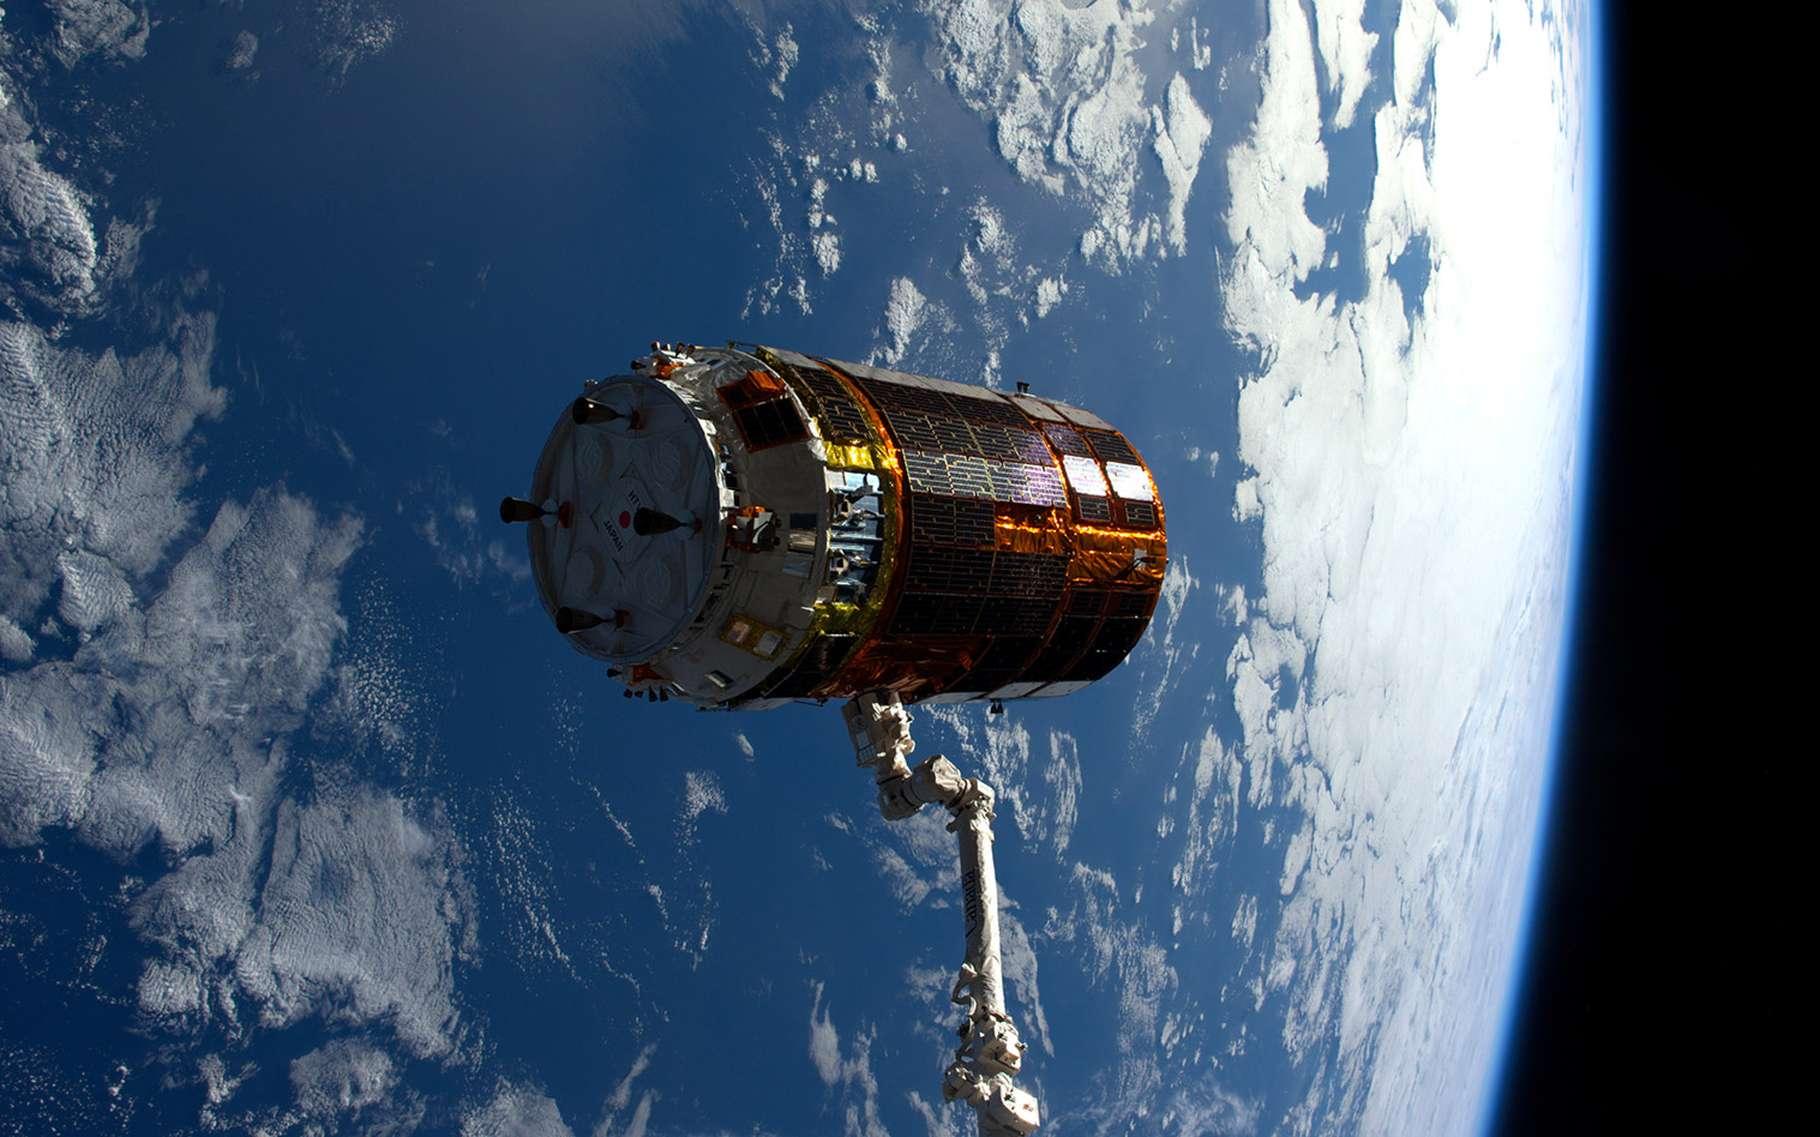 p>Amarré à la Station depuis le 13 décembre 2016, le cargo nippon HTV-6 a quitté le complexe orbital le 27 janvier 2017 et s'est consumé dans l'atmosphère terrestre le 6 février. Avant cela, il a testé sans succès une ancre spatiale pour ralentir sa vitesse. © Nasa